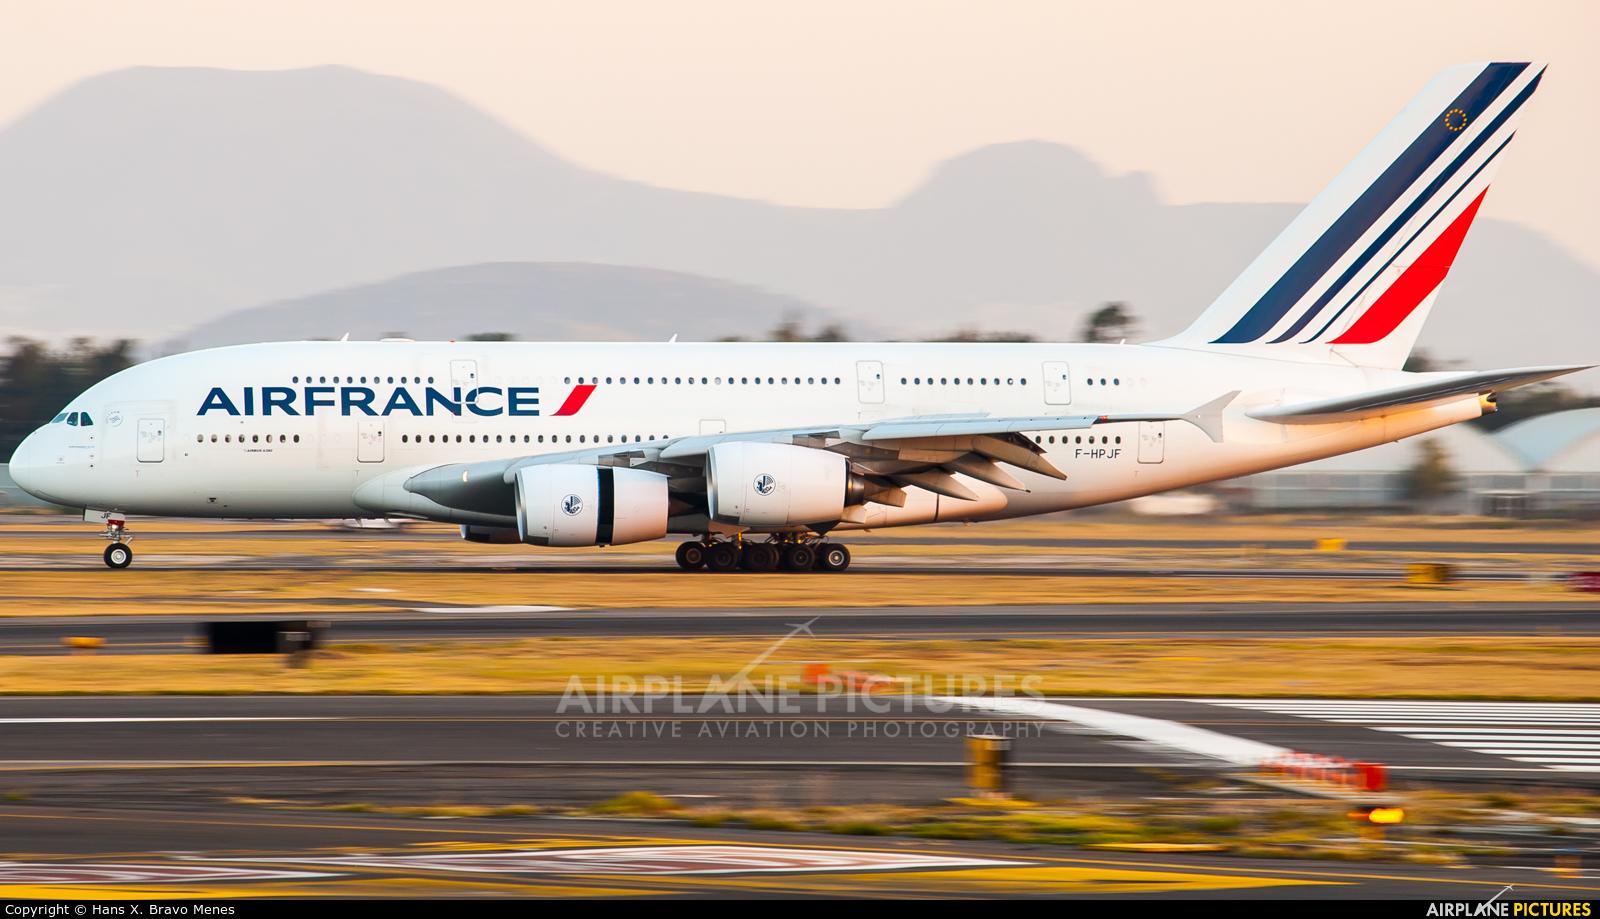 Air France F-HPJF aircraft at Mexico City - Licenciado Benito Juarez Intl